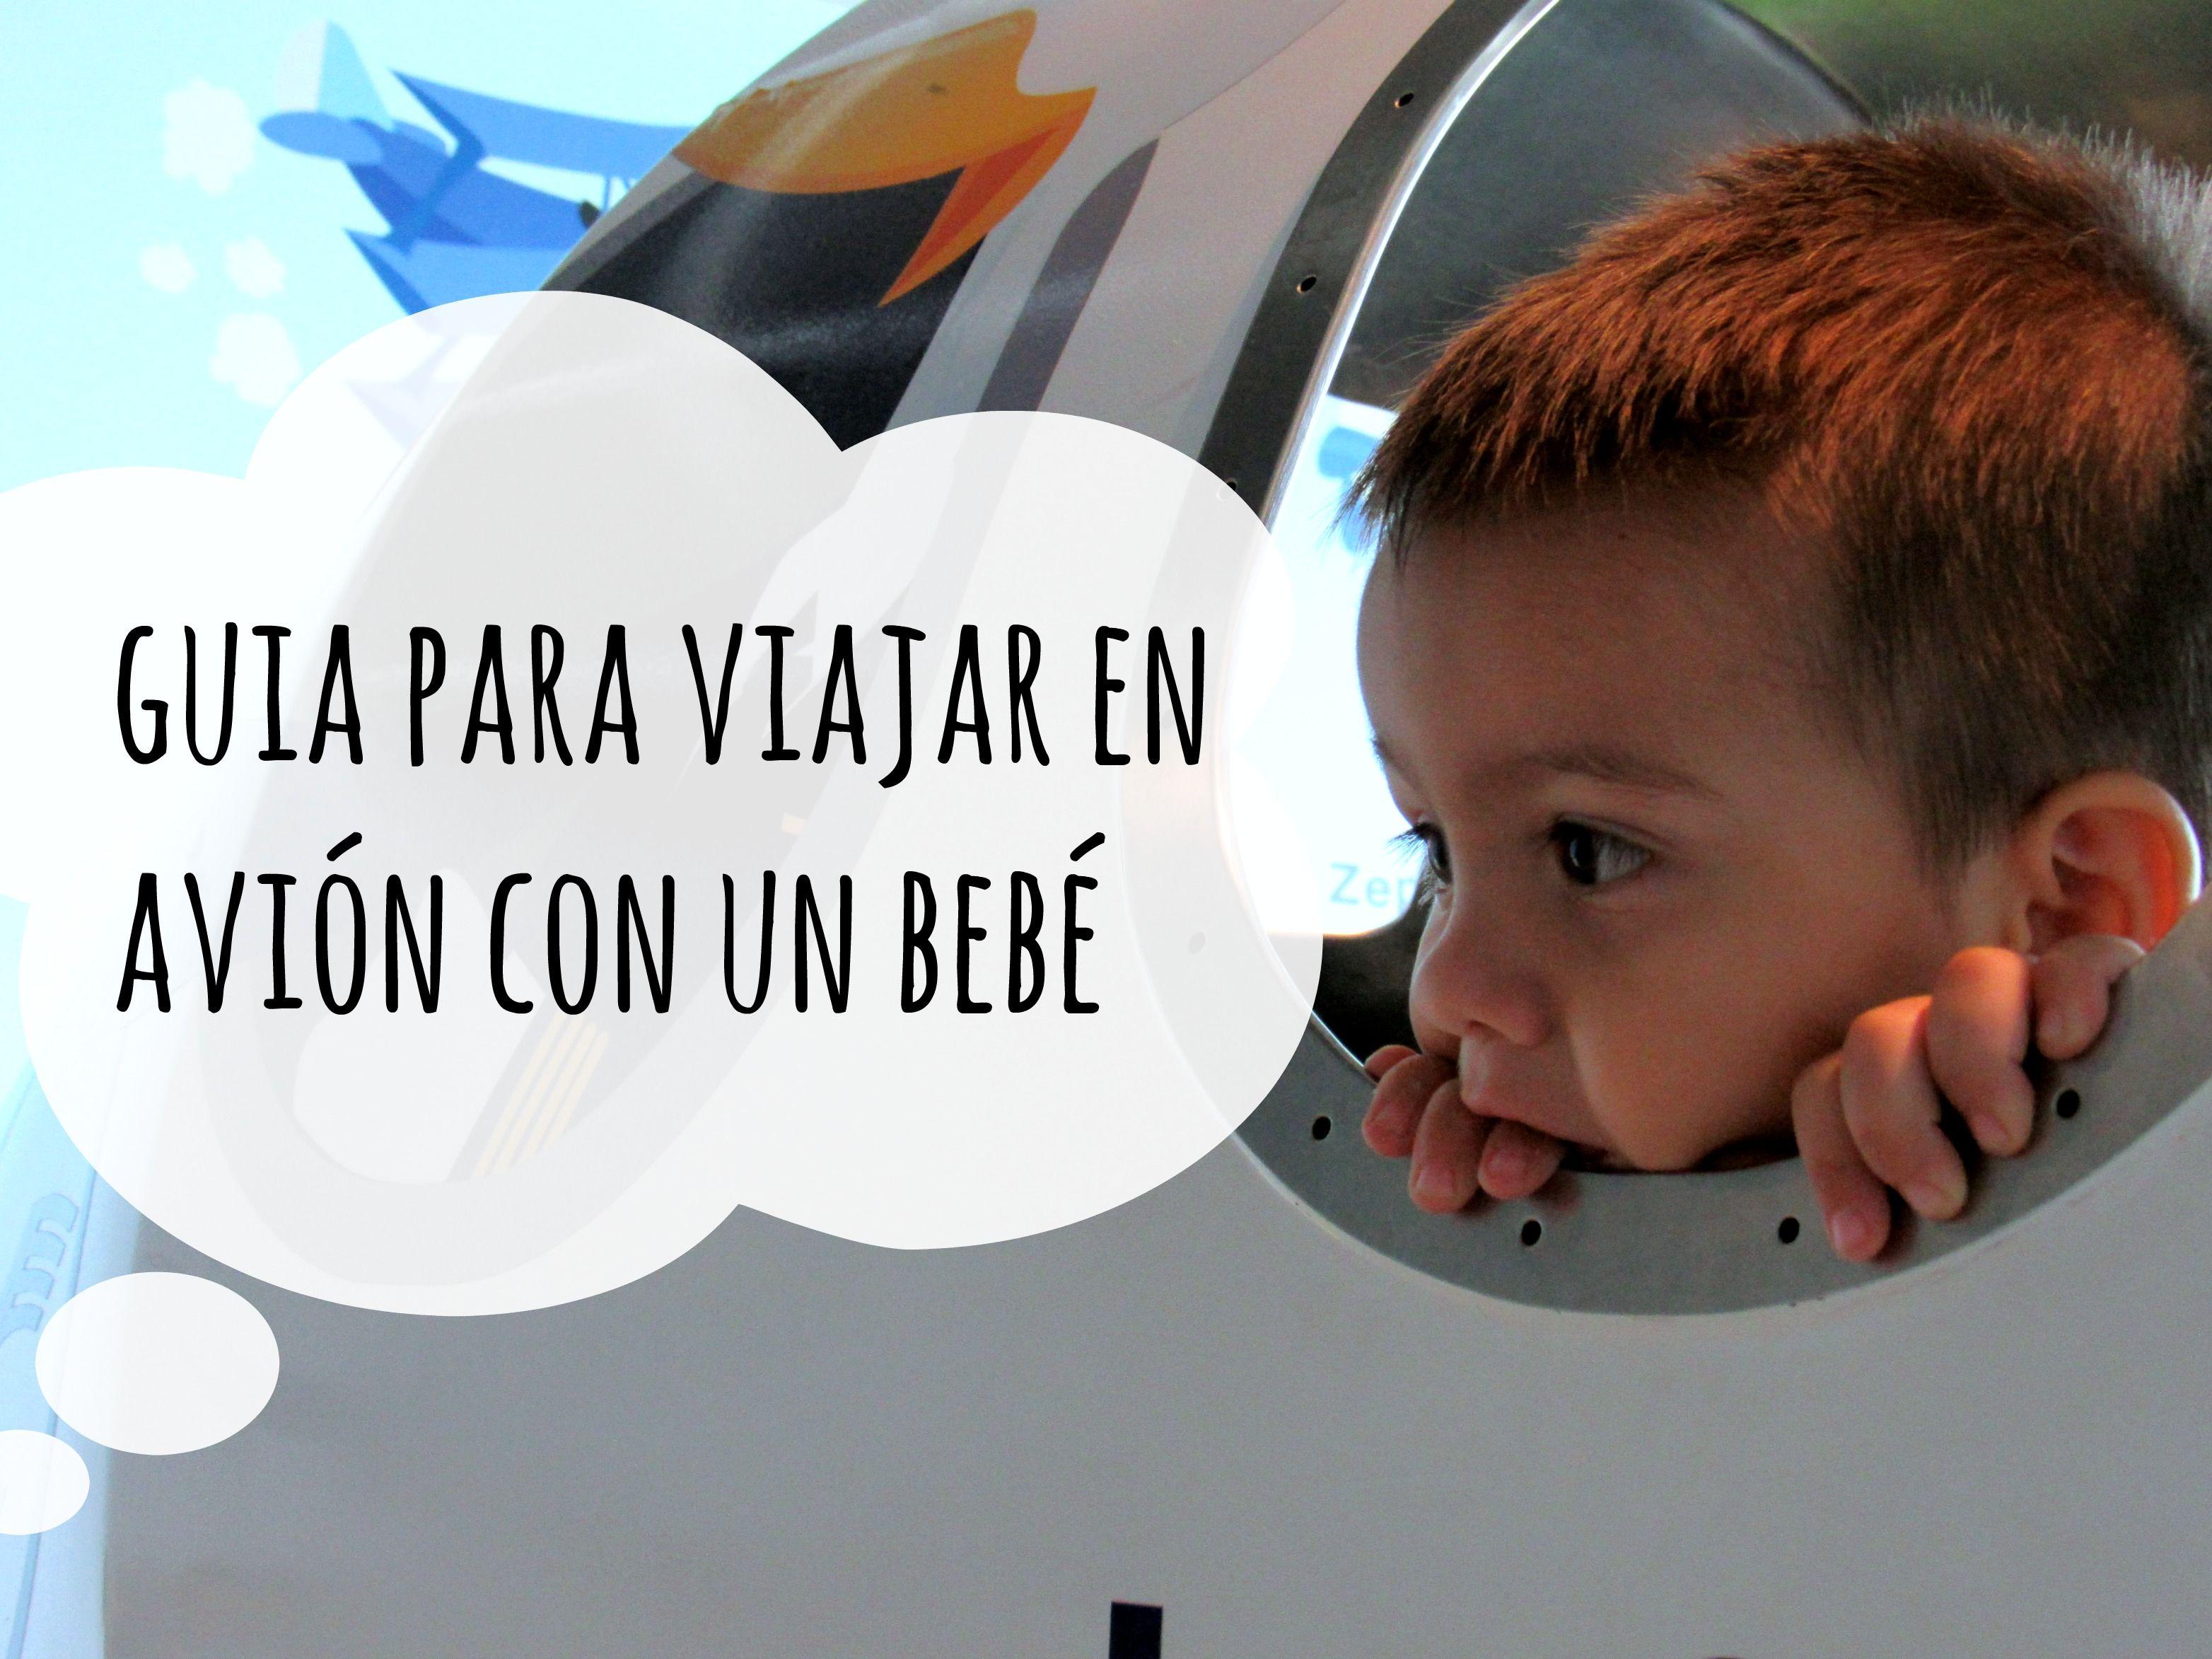 Guía para viajar en avión con un bebé